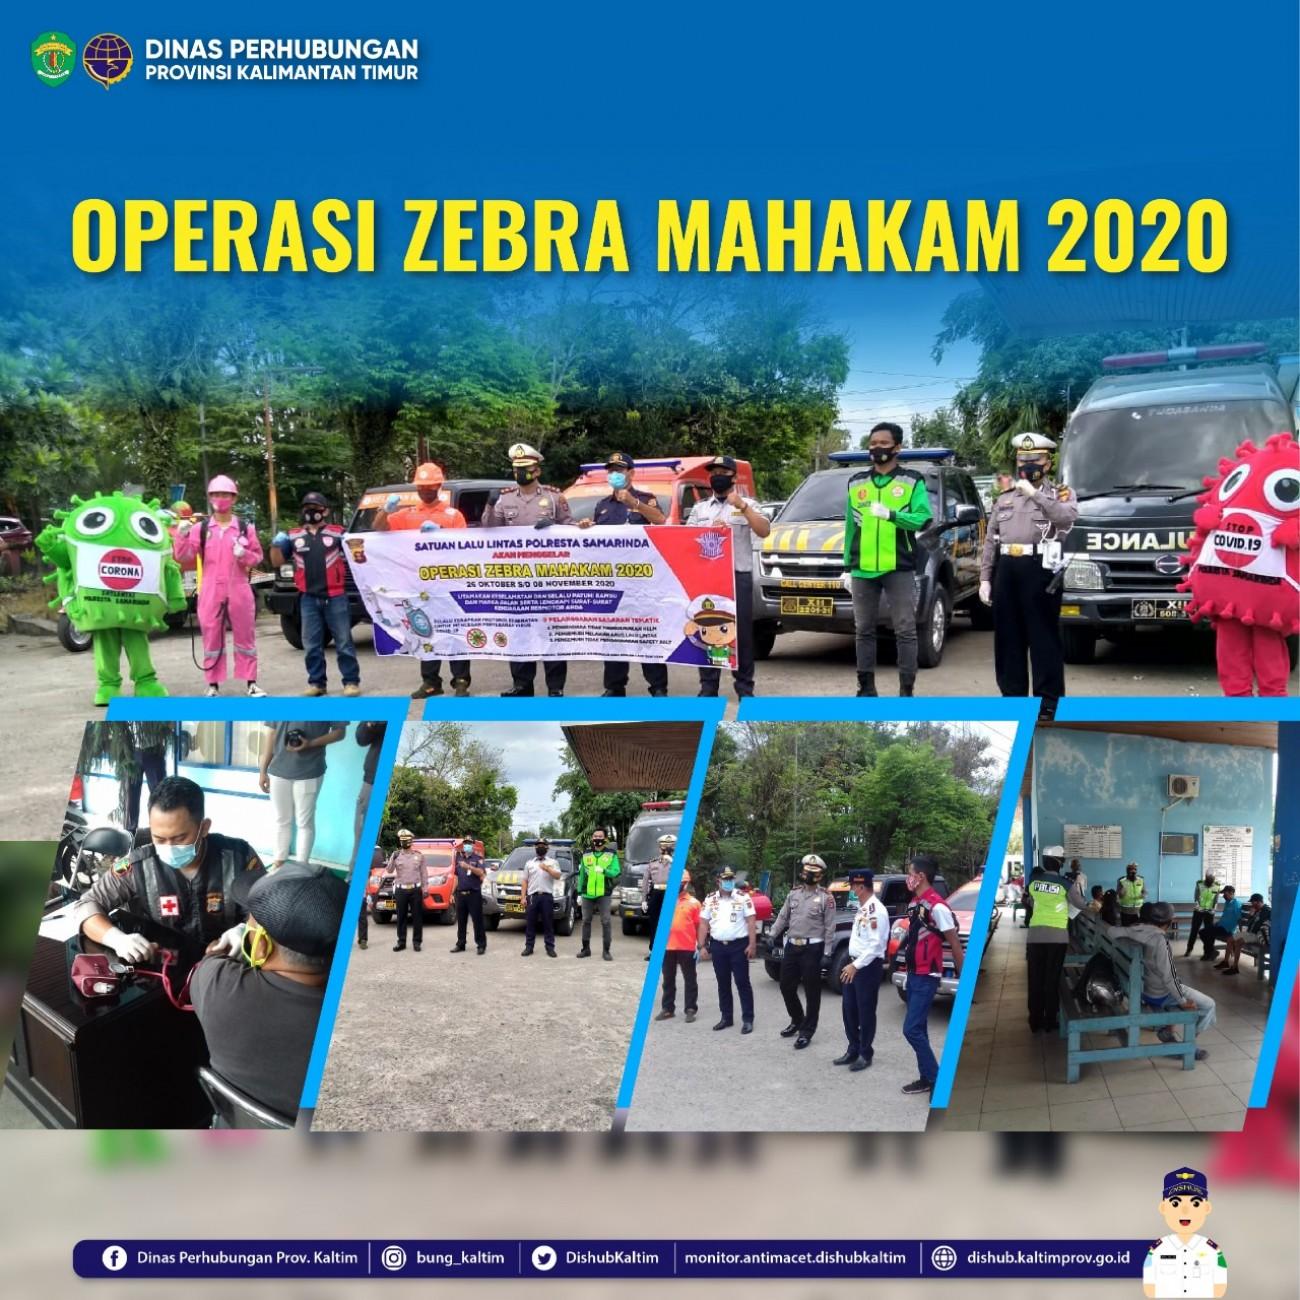 OPERASI ZEBRA MAHAKAM 2020